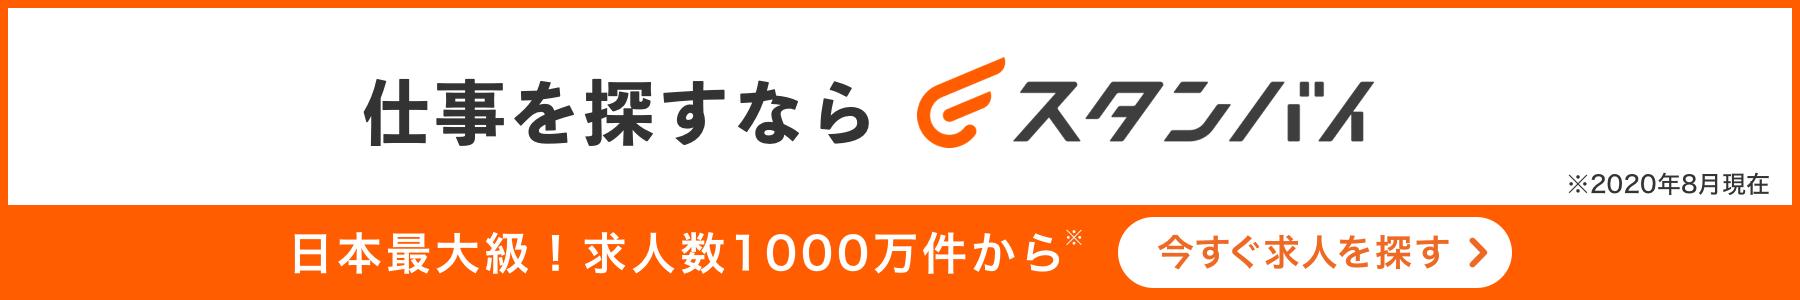 仕事を探すならスタンバイ 日本最大級!求人数1000万件から 今すぐ求人を探す ※2020年8月現在